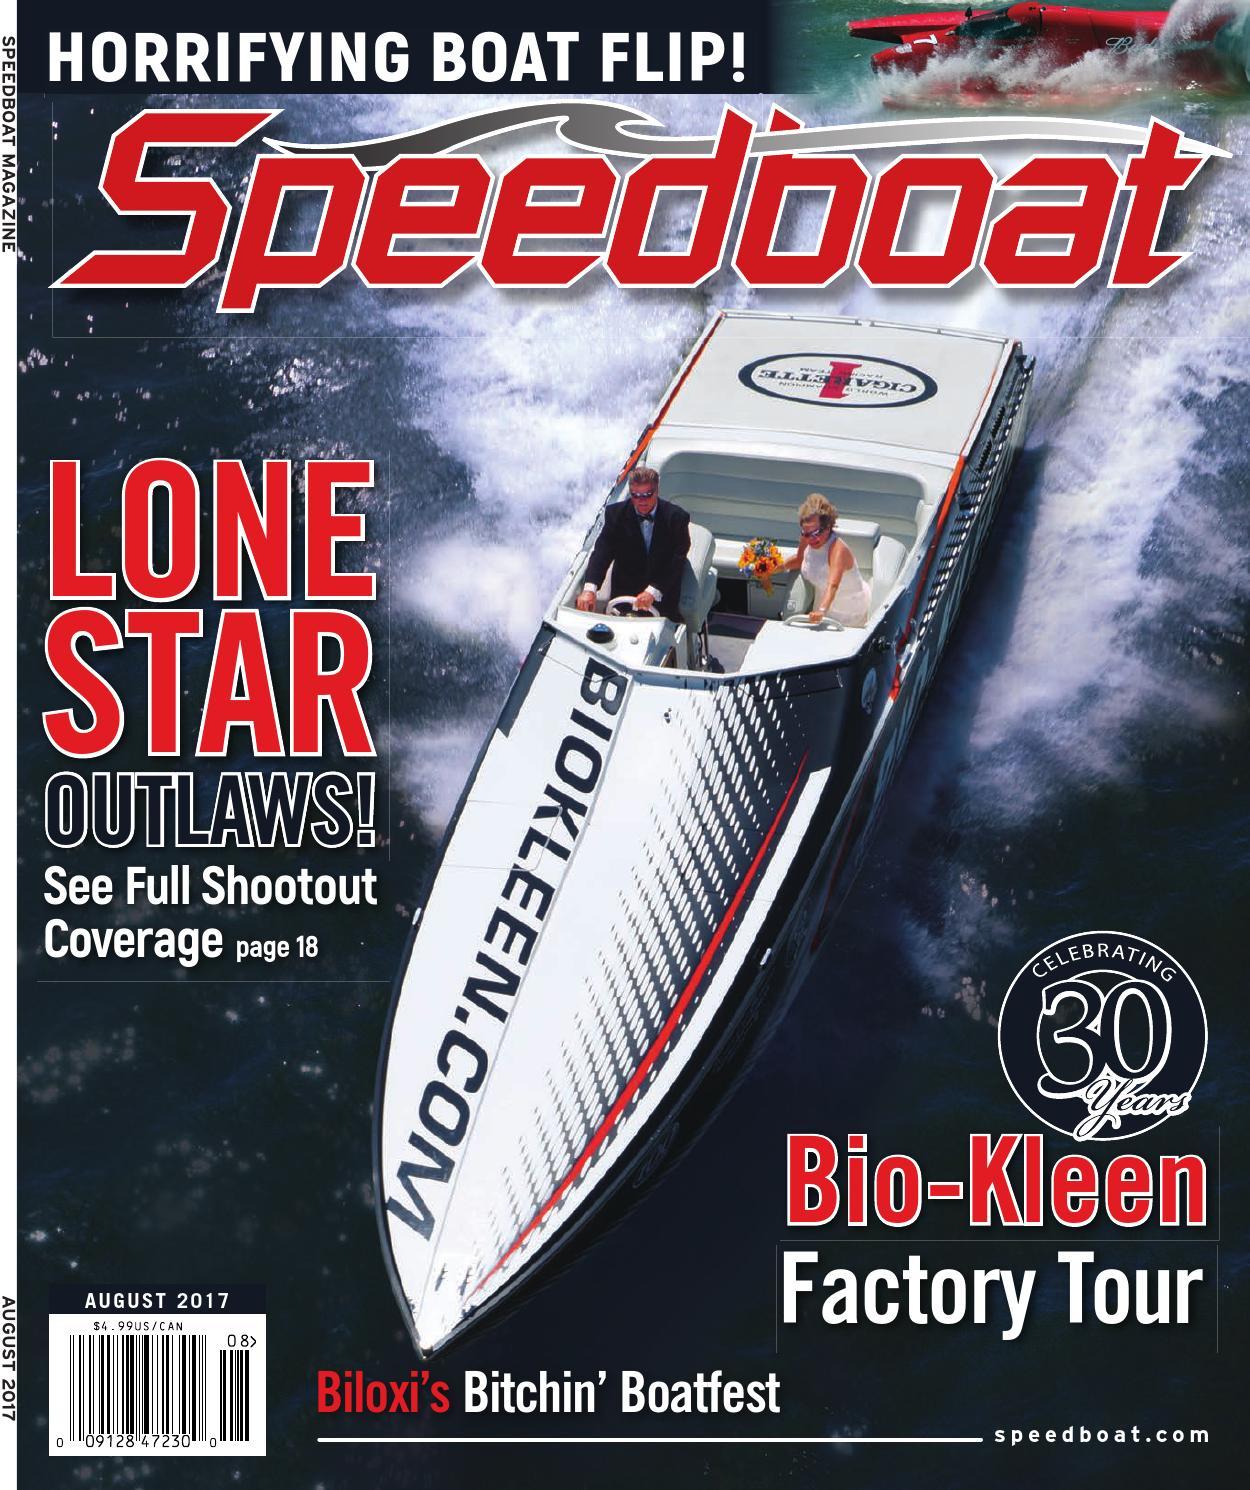 Speedboat August 2017 by Brett Bayne - issuu b2cc958033